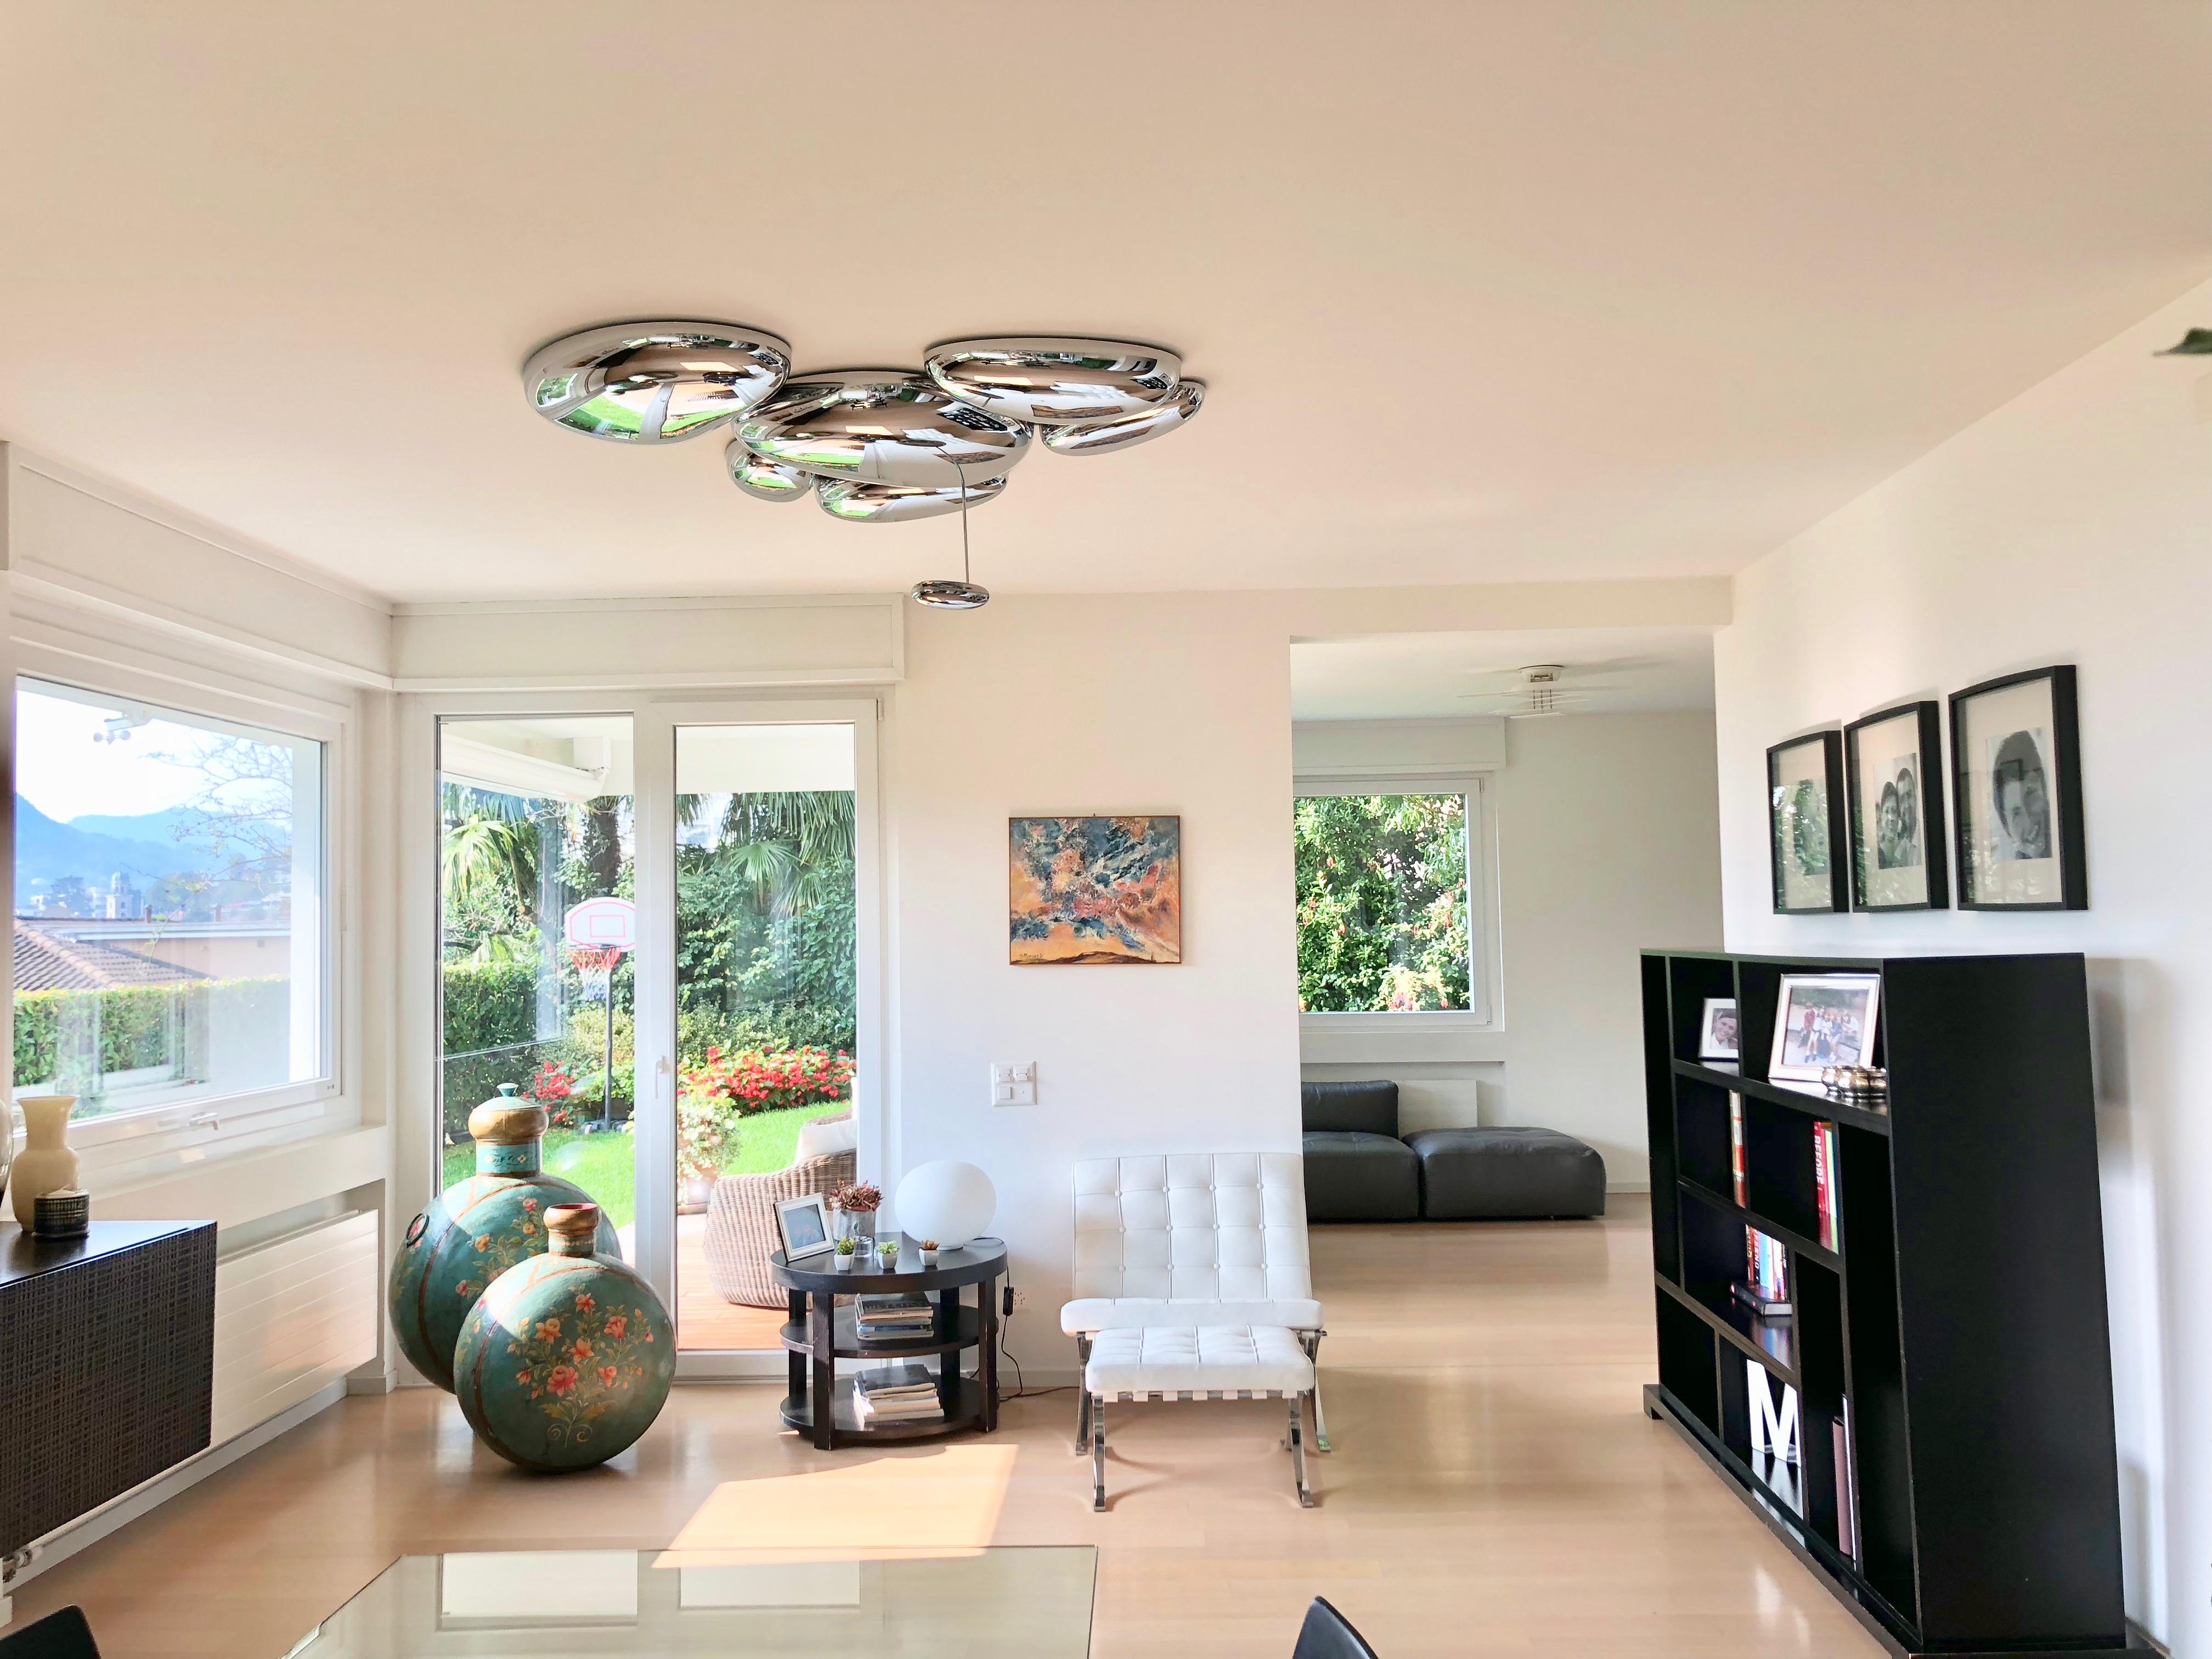 LUGANO – Bellissimo appartamento duplex, a pochi passi dal centro, vista lago e bel giardino